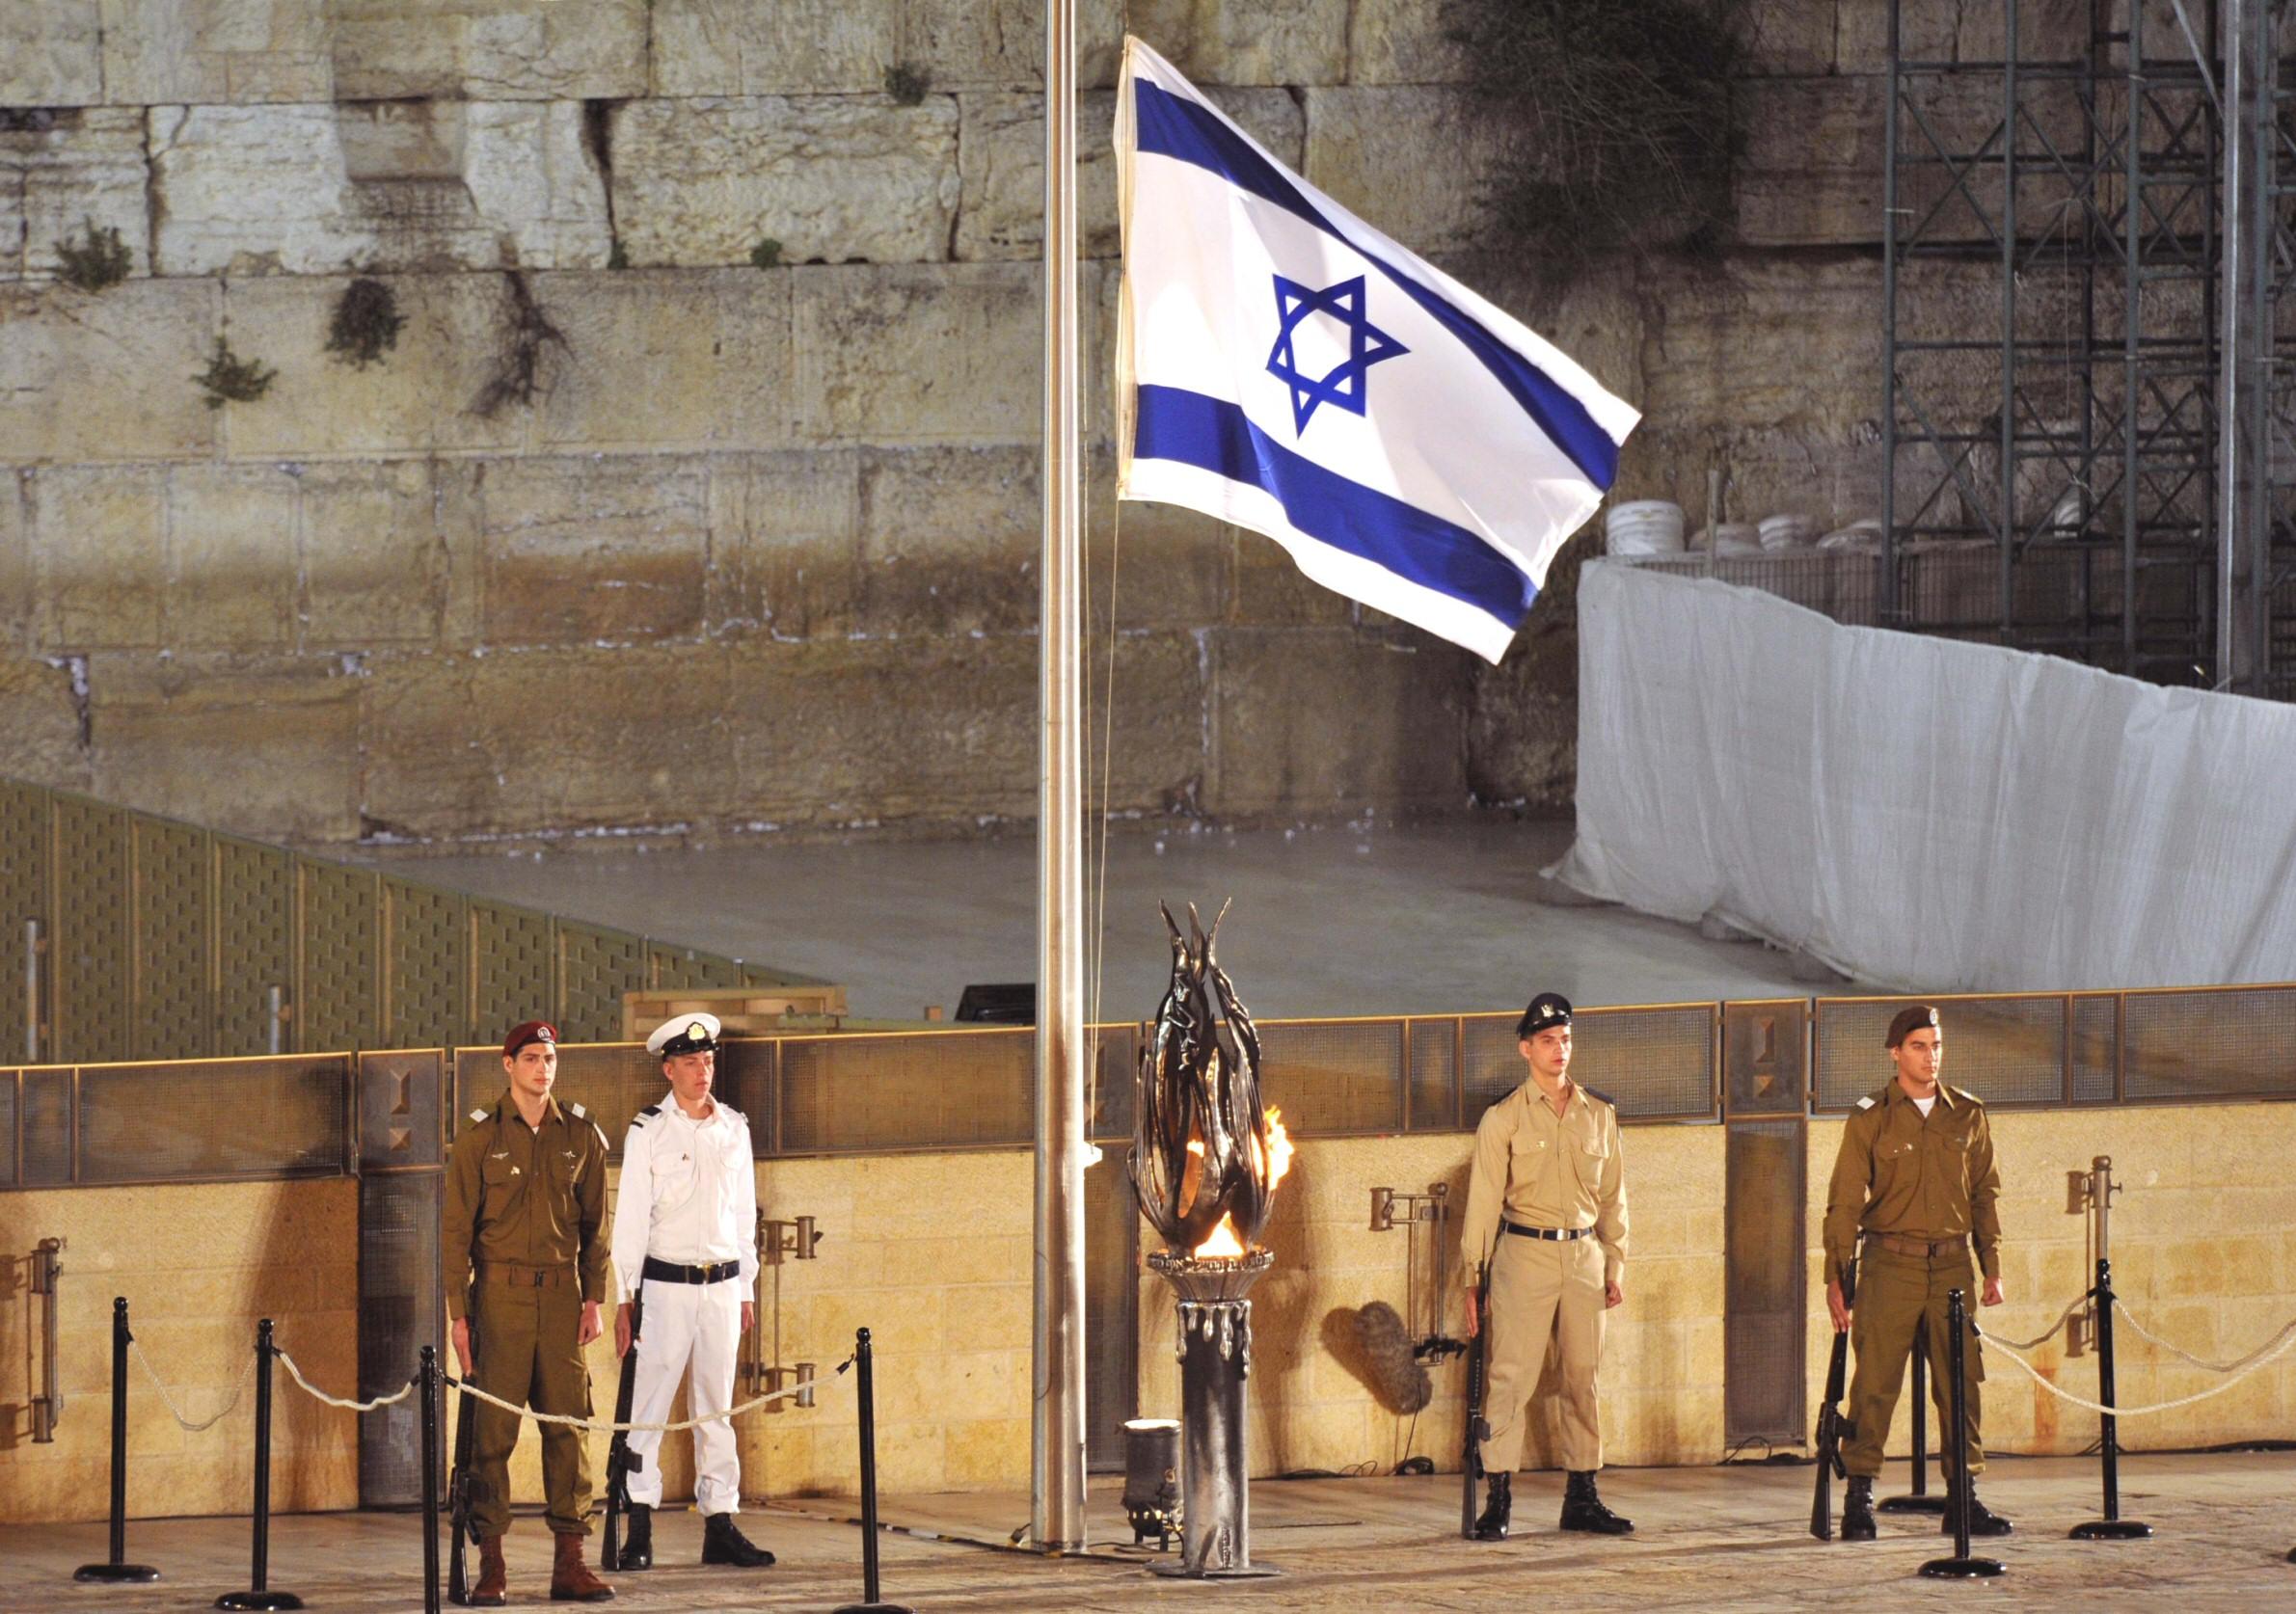 Jerusalém,Yom-Hazikaron en el Kotel